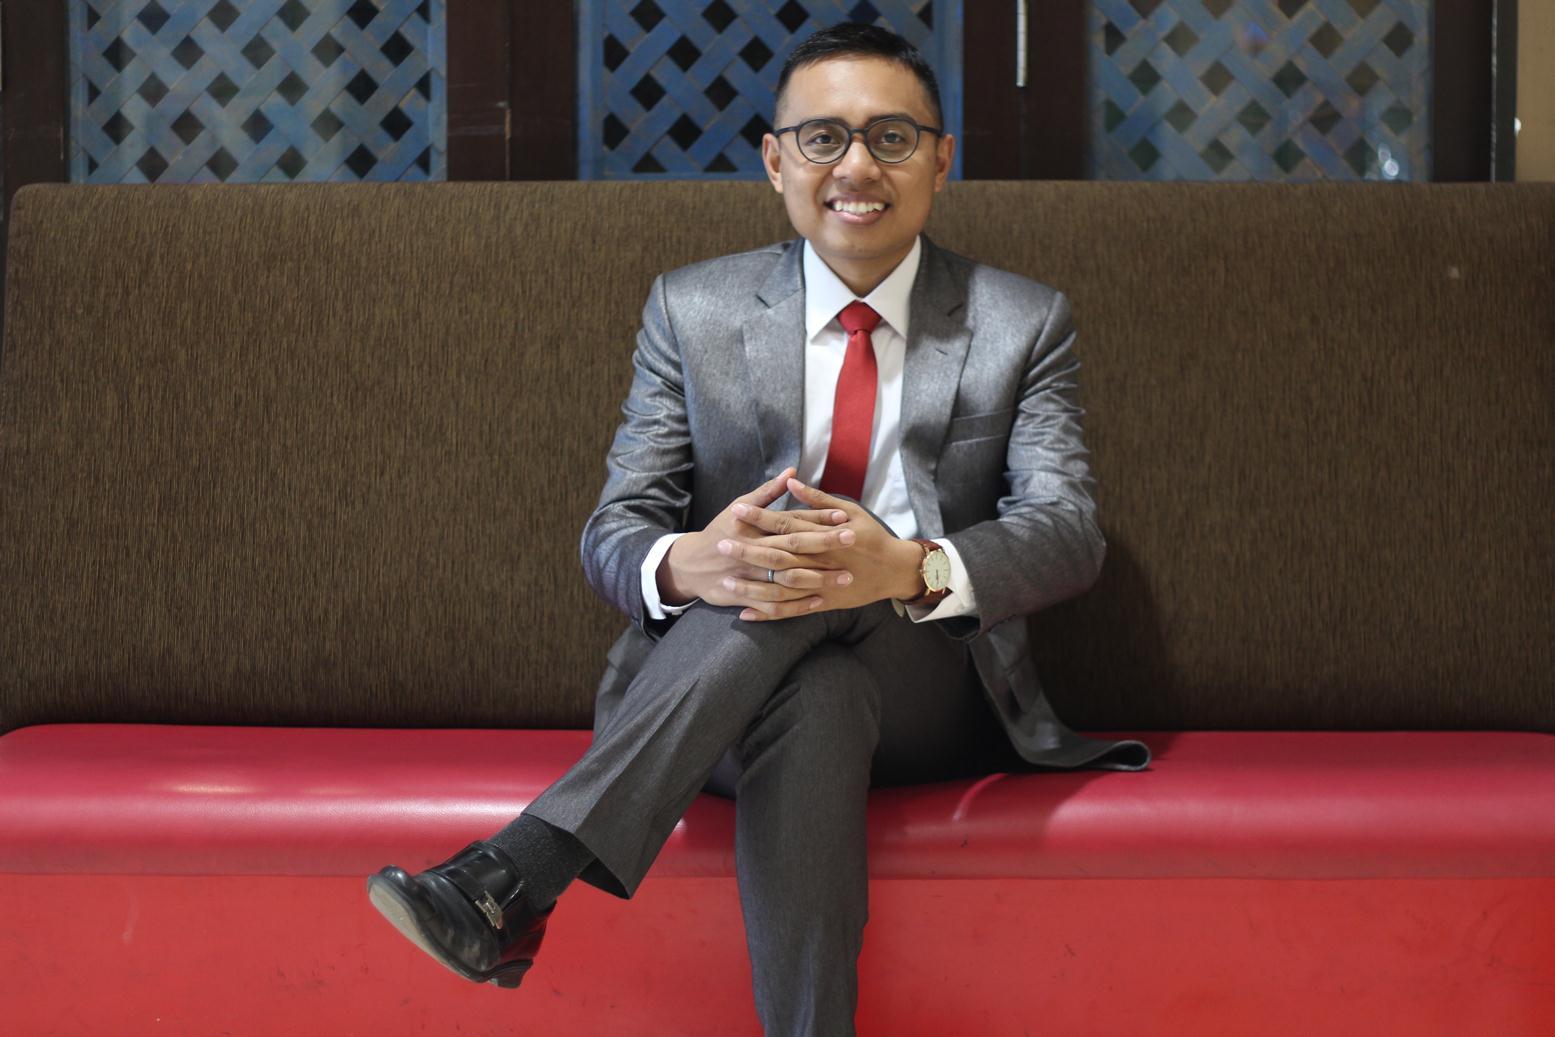 """Agung Setiyo Wibowo: Penulis Buku """"Jadi, Kamu Pilih Jurusan HI?"""""""